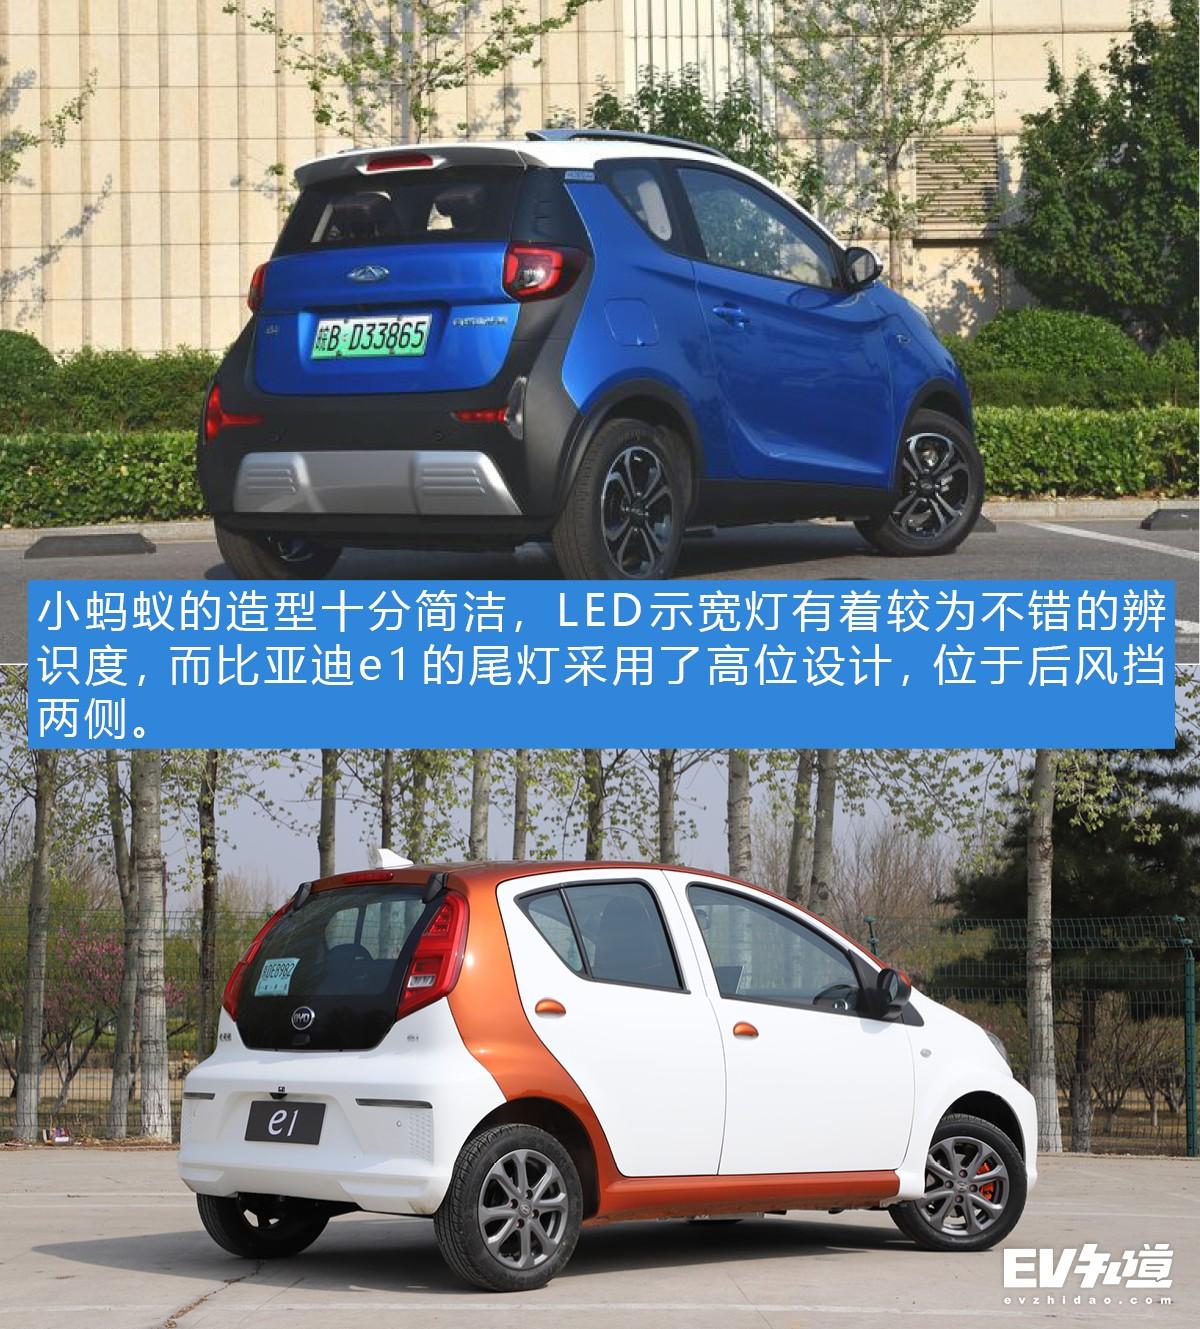 奇瑞小蚂蚁对比比亚迪e1 热门微型电动车推荐